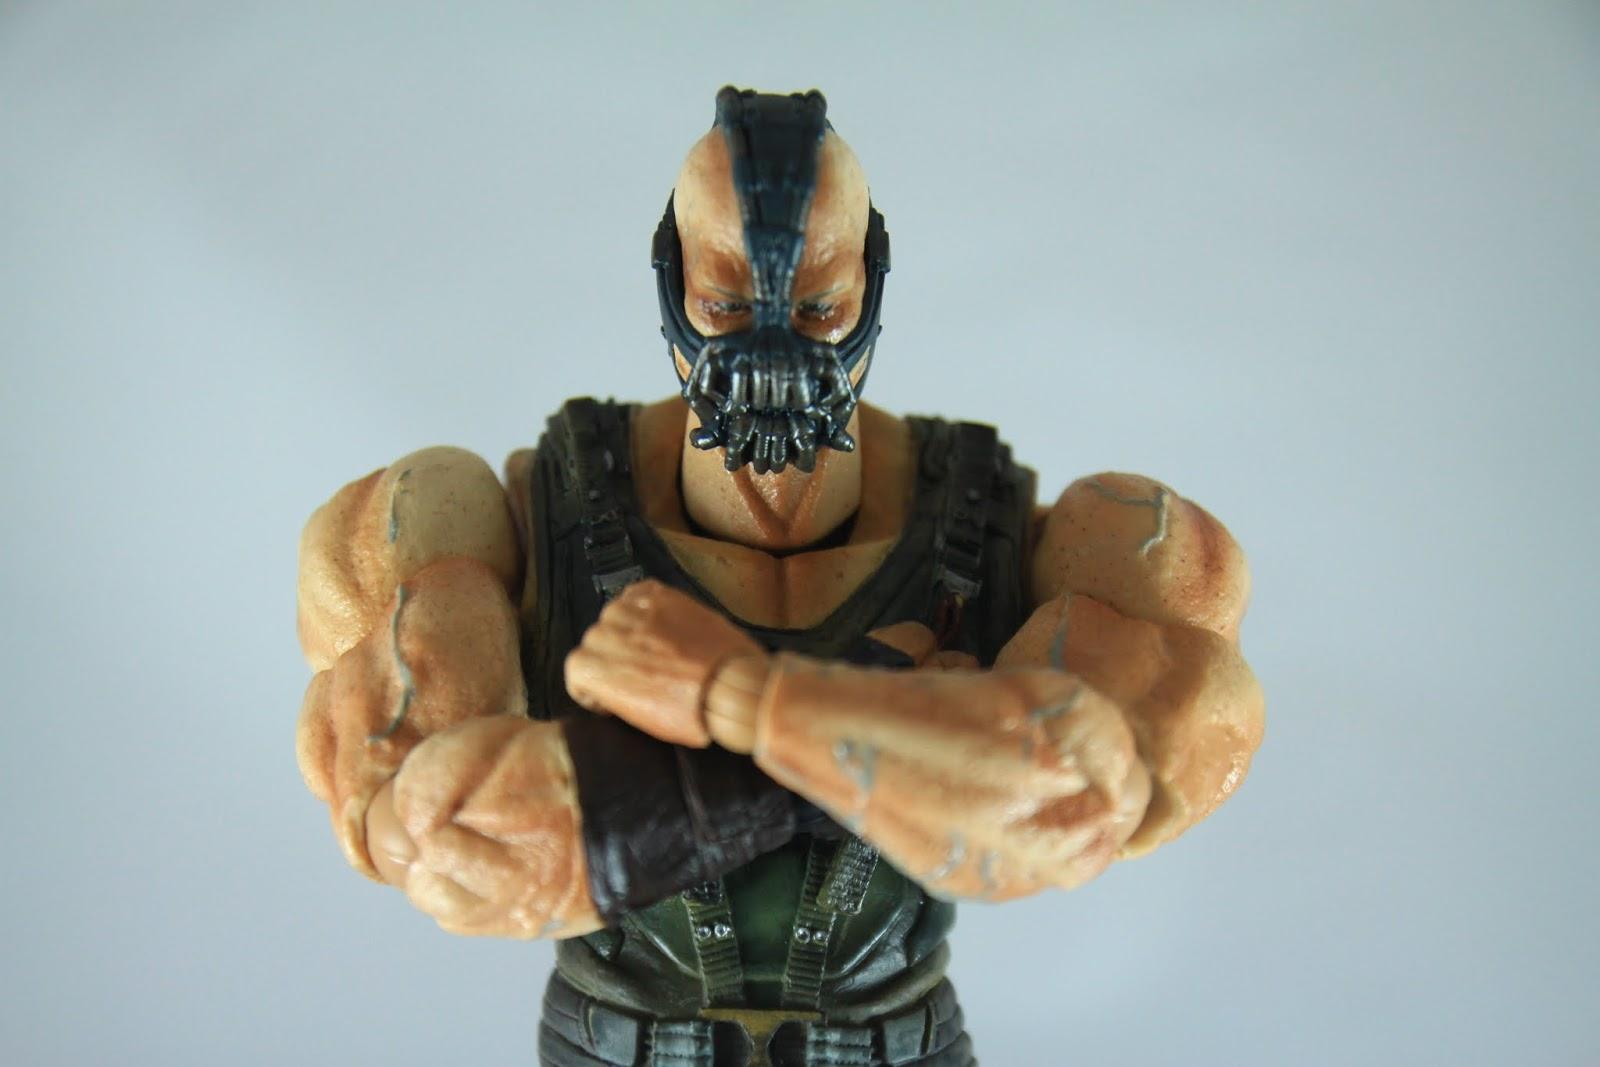 一樣可以勉強有抱胸的姿勢 不過老實說Bane的外型抱胸的確有種威壓感